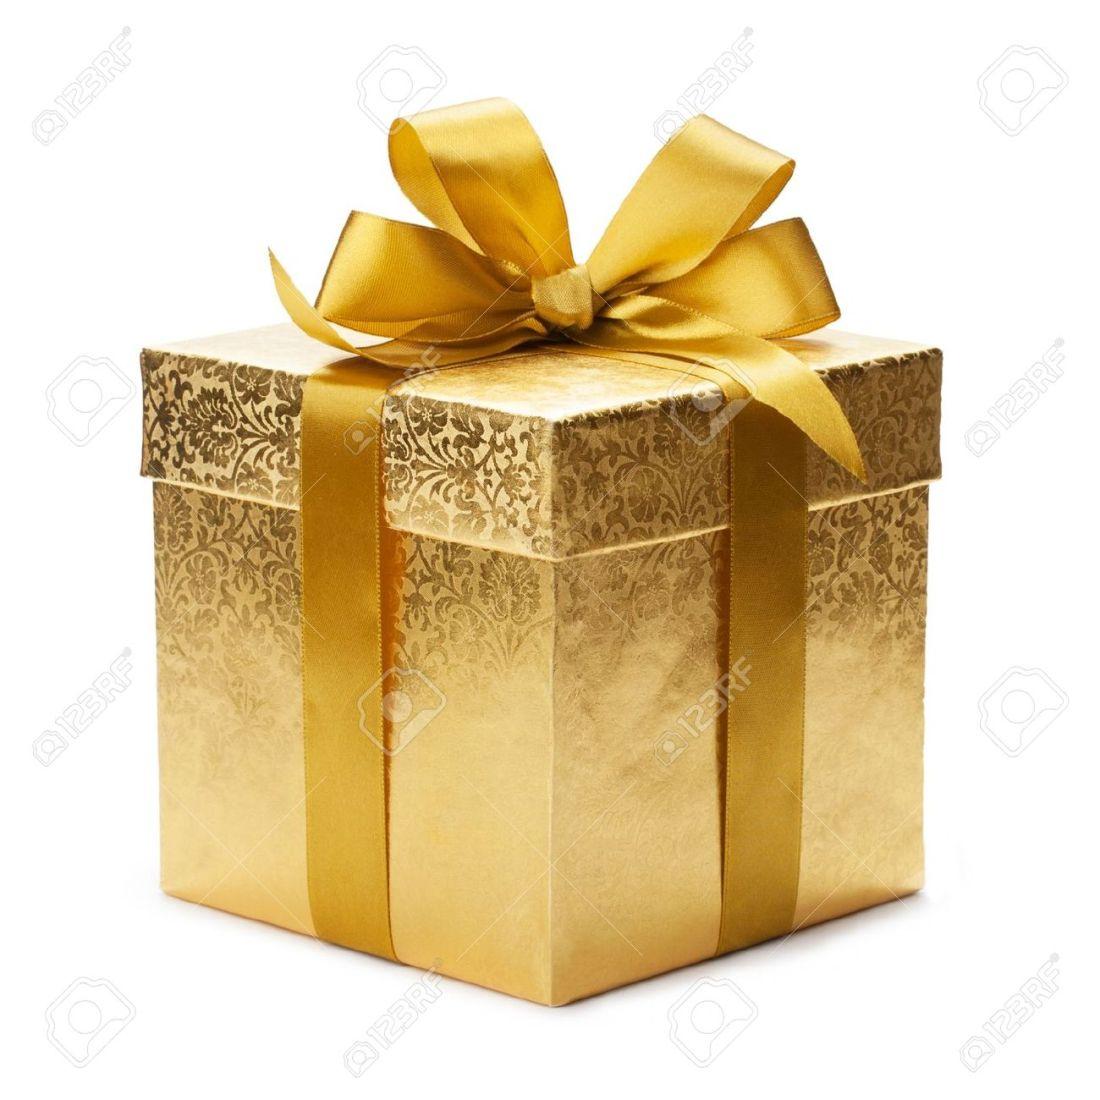 20451784-coffret-cadeau-et-un-ruban-d-or-isolé-sur-fond-blanc